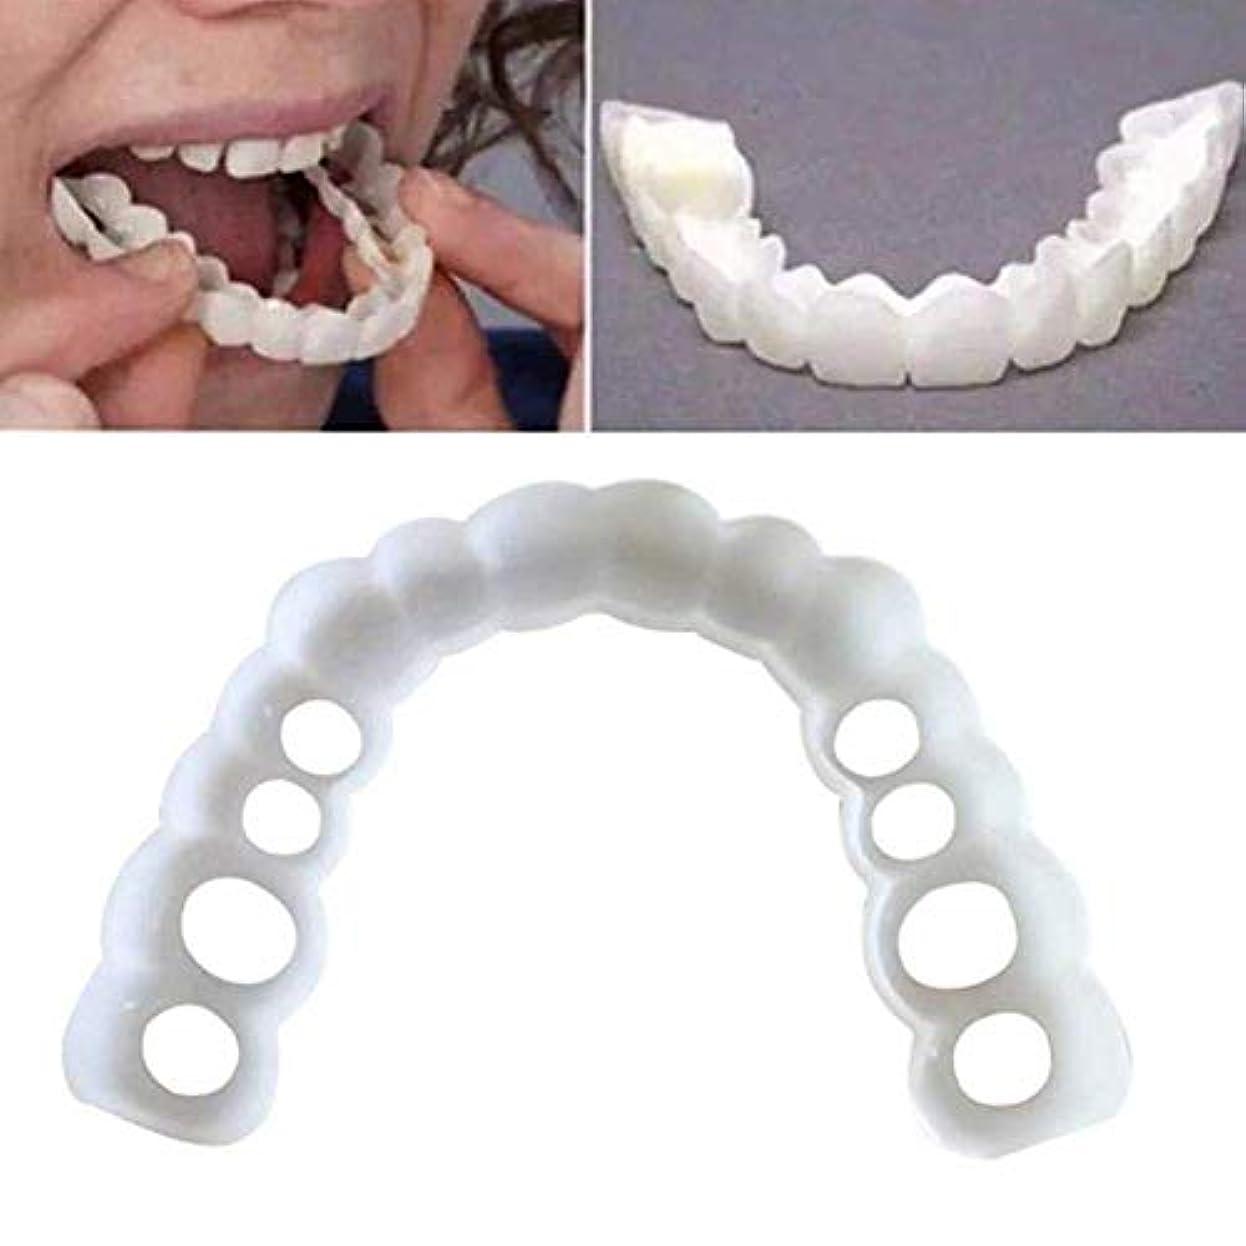 差別的今日ねじれソフト化粧品歯のための適切な美しいコンフォートの2ペアは、上部と下部のメイクベニアを入れ歯